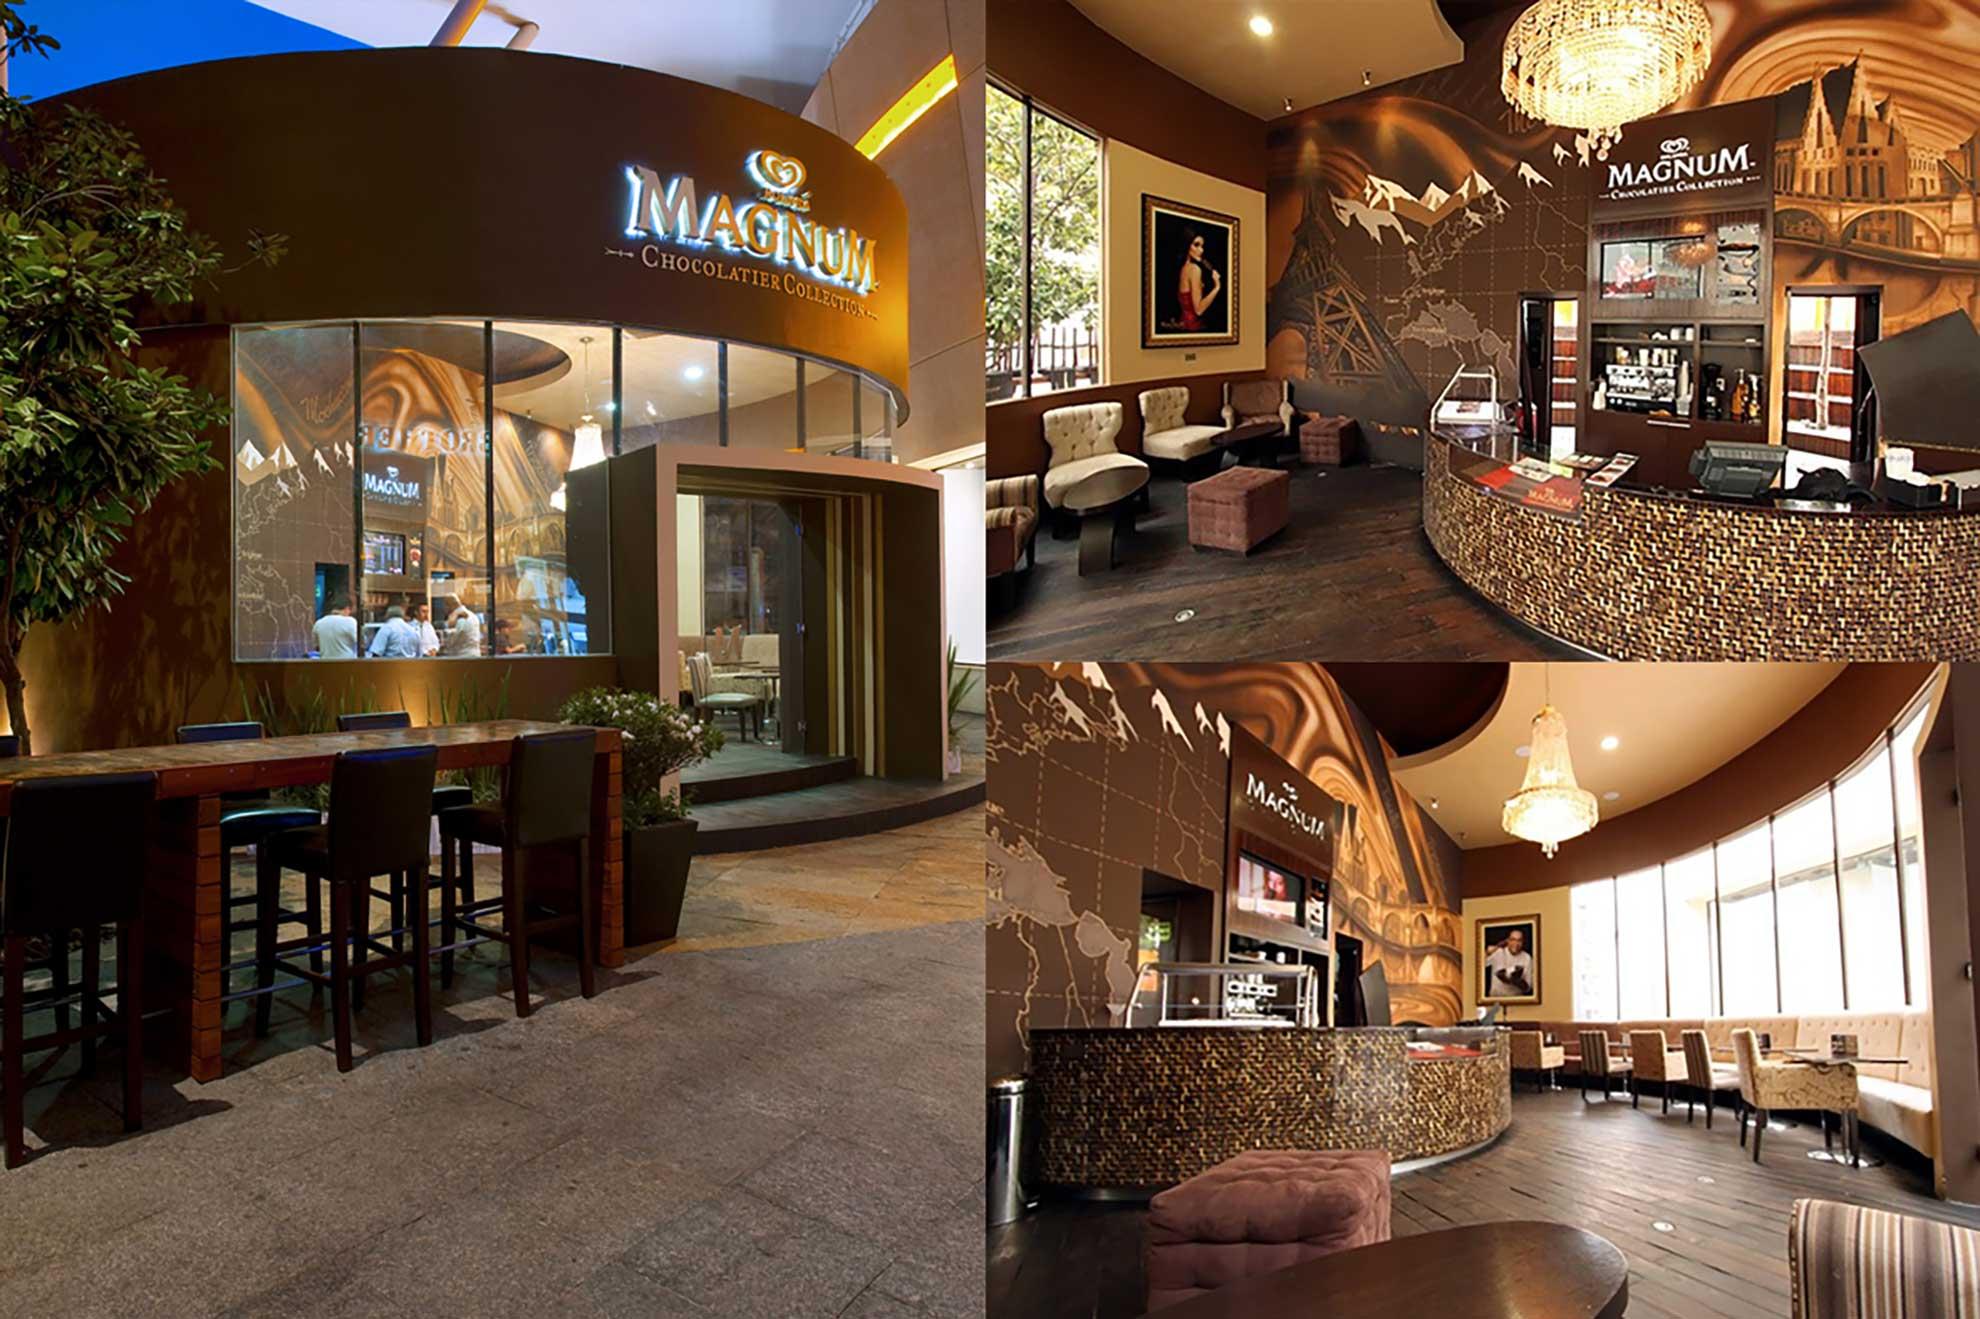 La heladería boutique de Magnum fue diseñada y creada inspirándose en todos los sabores y texturas que representan a las paletas de la marca, sillones decorados a mano con la palabra magnum y otros que evocan a los códigos de barras de las envolturas.